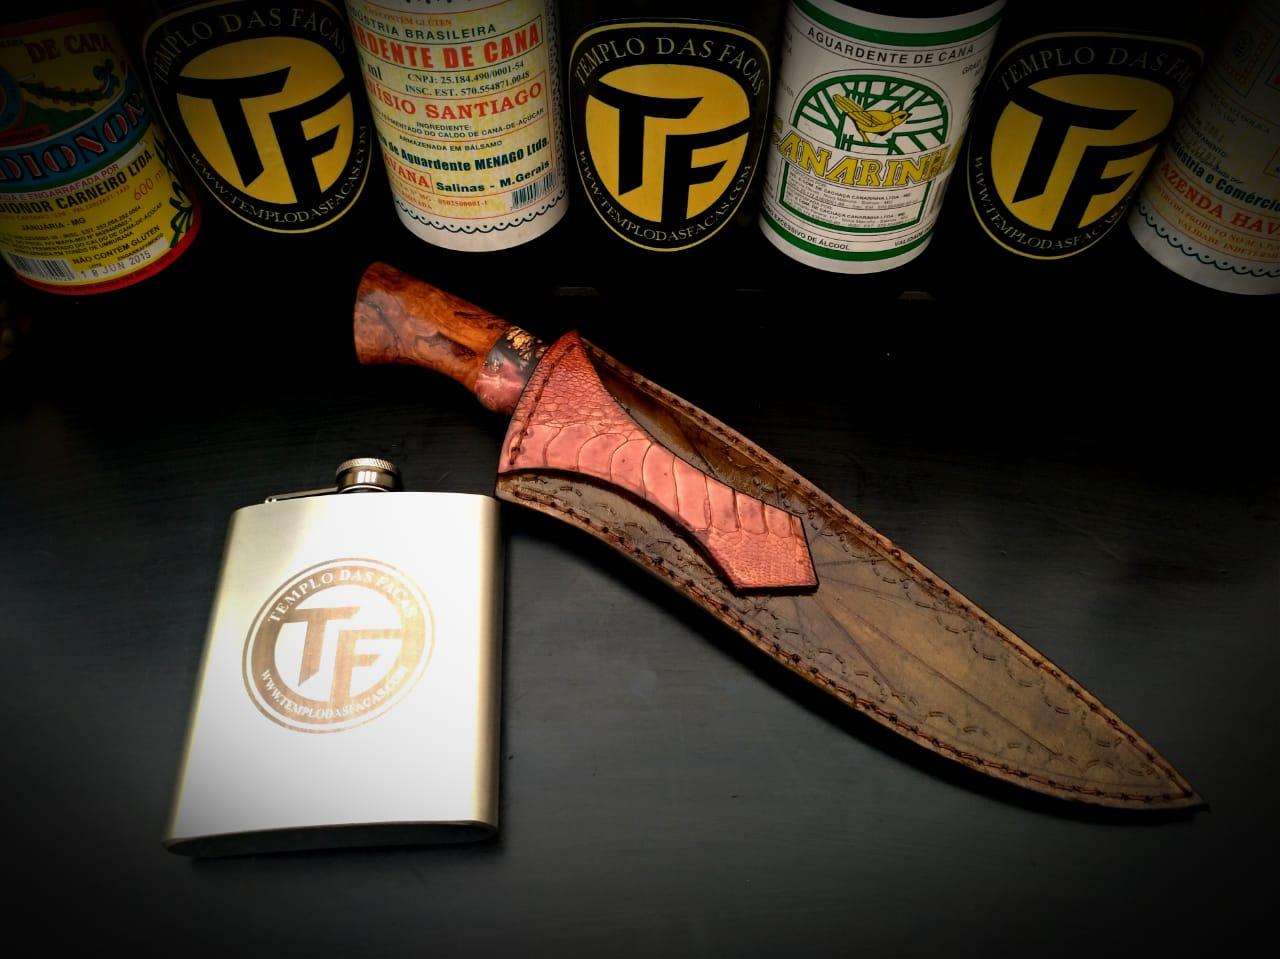 Faca artesanal gaúcha em aço de damasco padrão aleatório modificado 7 polegadas